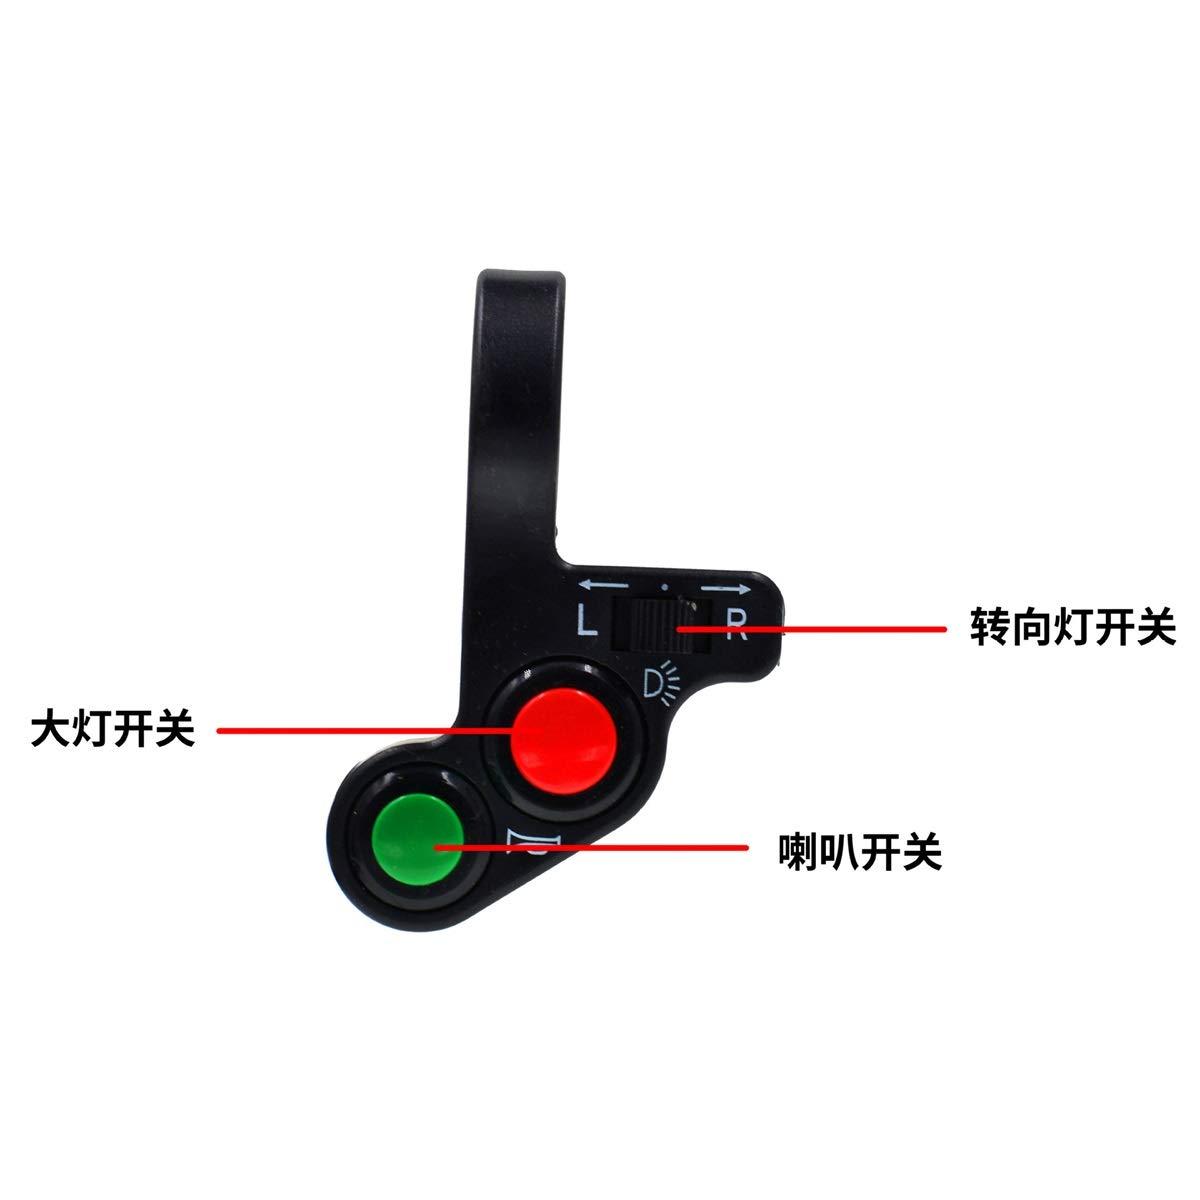 Unbekannt Motorrad Elektrisches Dreirad Ge/ändert Multifunktionsschalter Blinker Horn Scheinwerfer DREI Und EIN Schalter Motorradteile